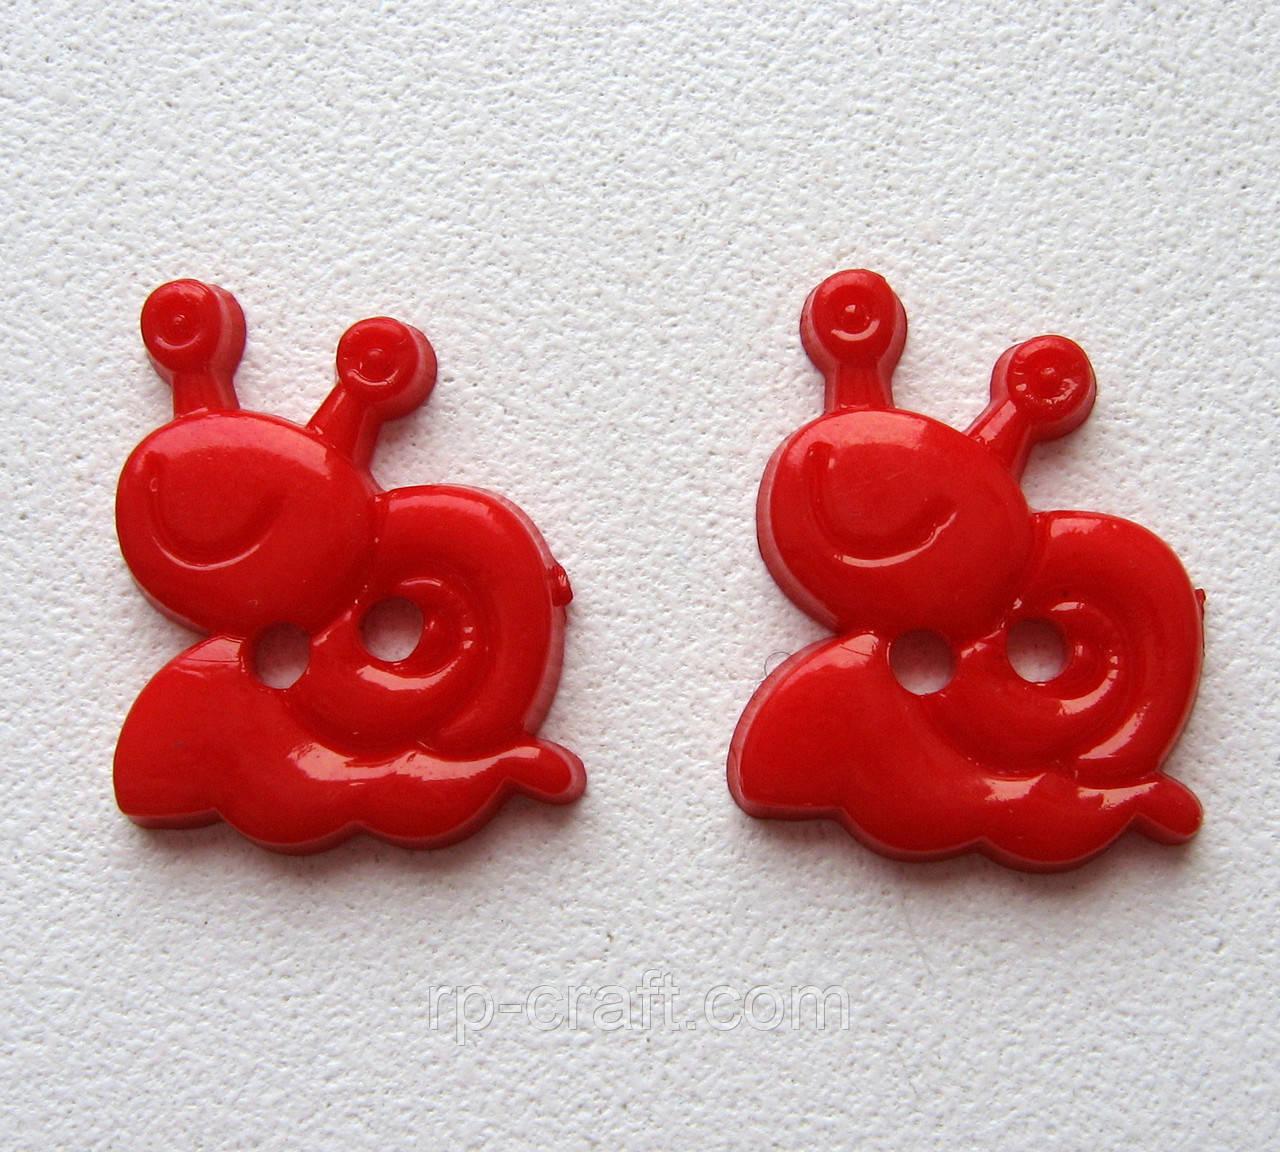 Пуговица пластиковая, декоративная, фигурная. Улитка красная